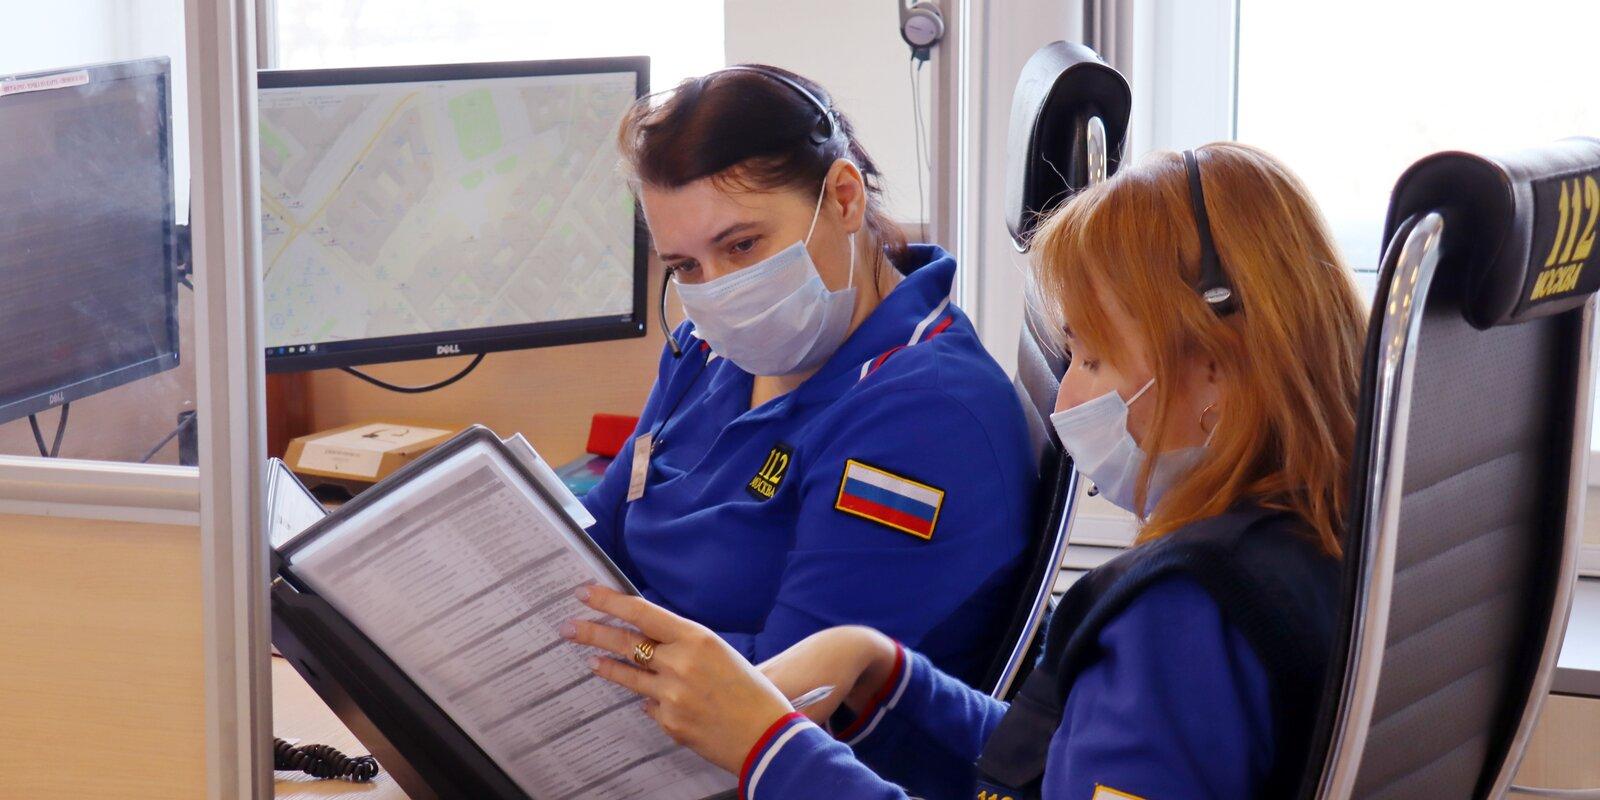 «112 Москва. Что случилось?»: с начала года стажировку в службе приема экстренных вызовов столицы прошли более 80 специалистов